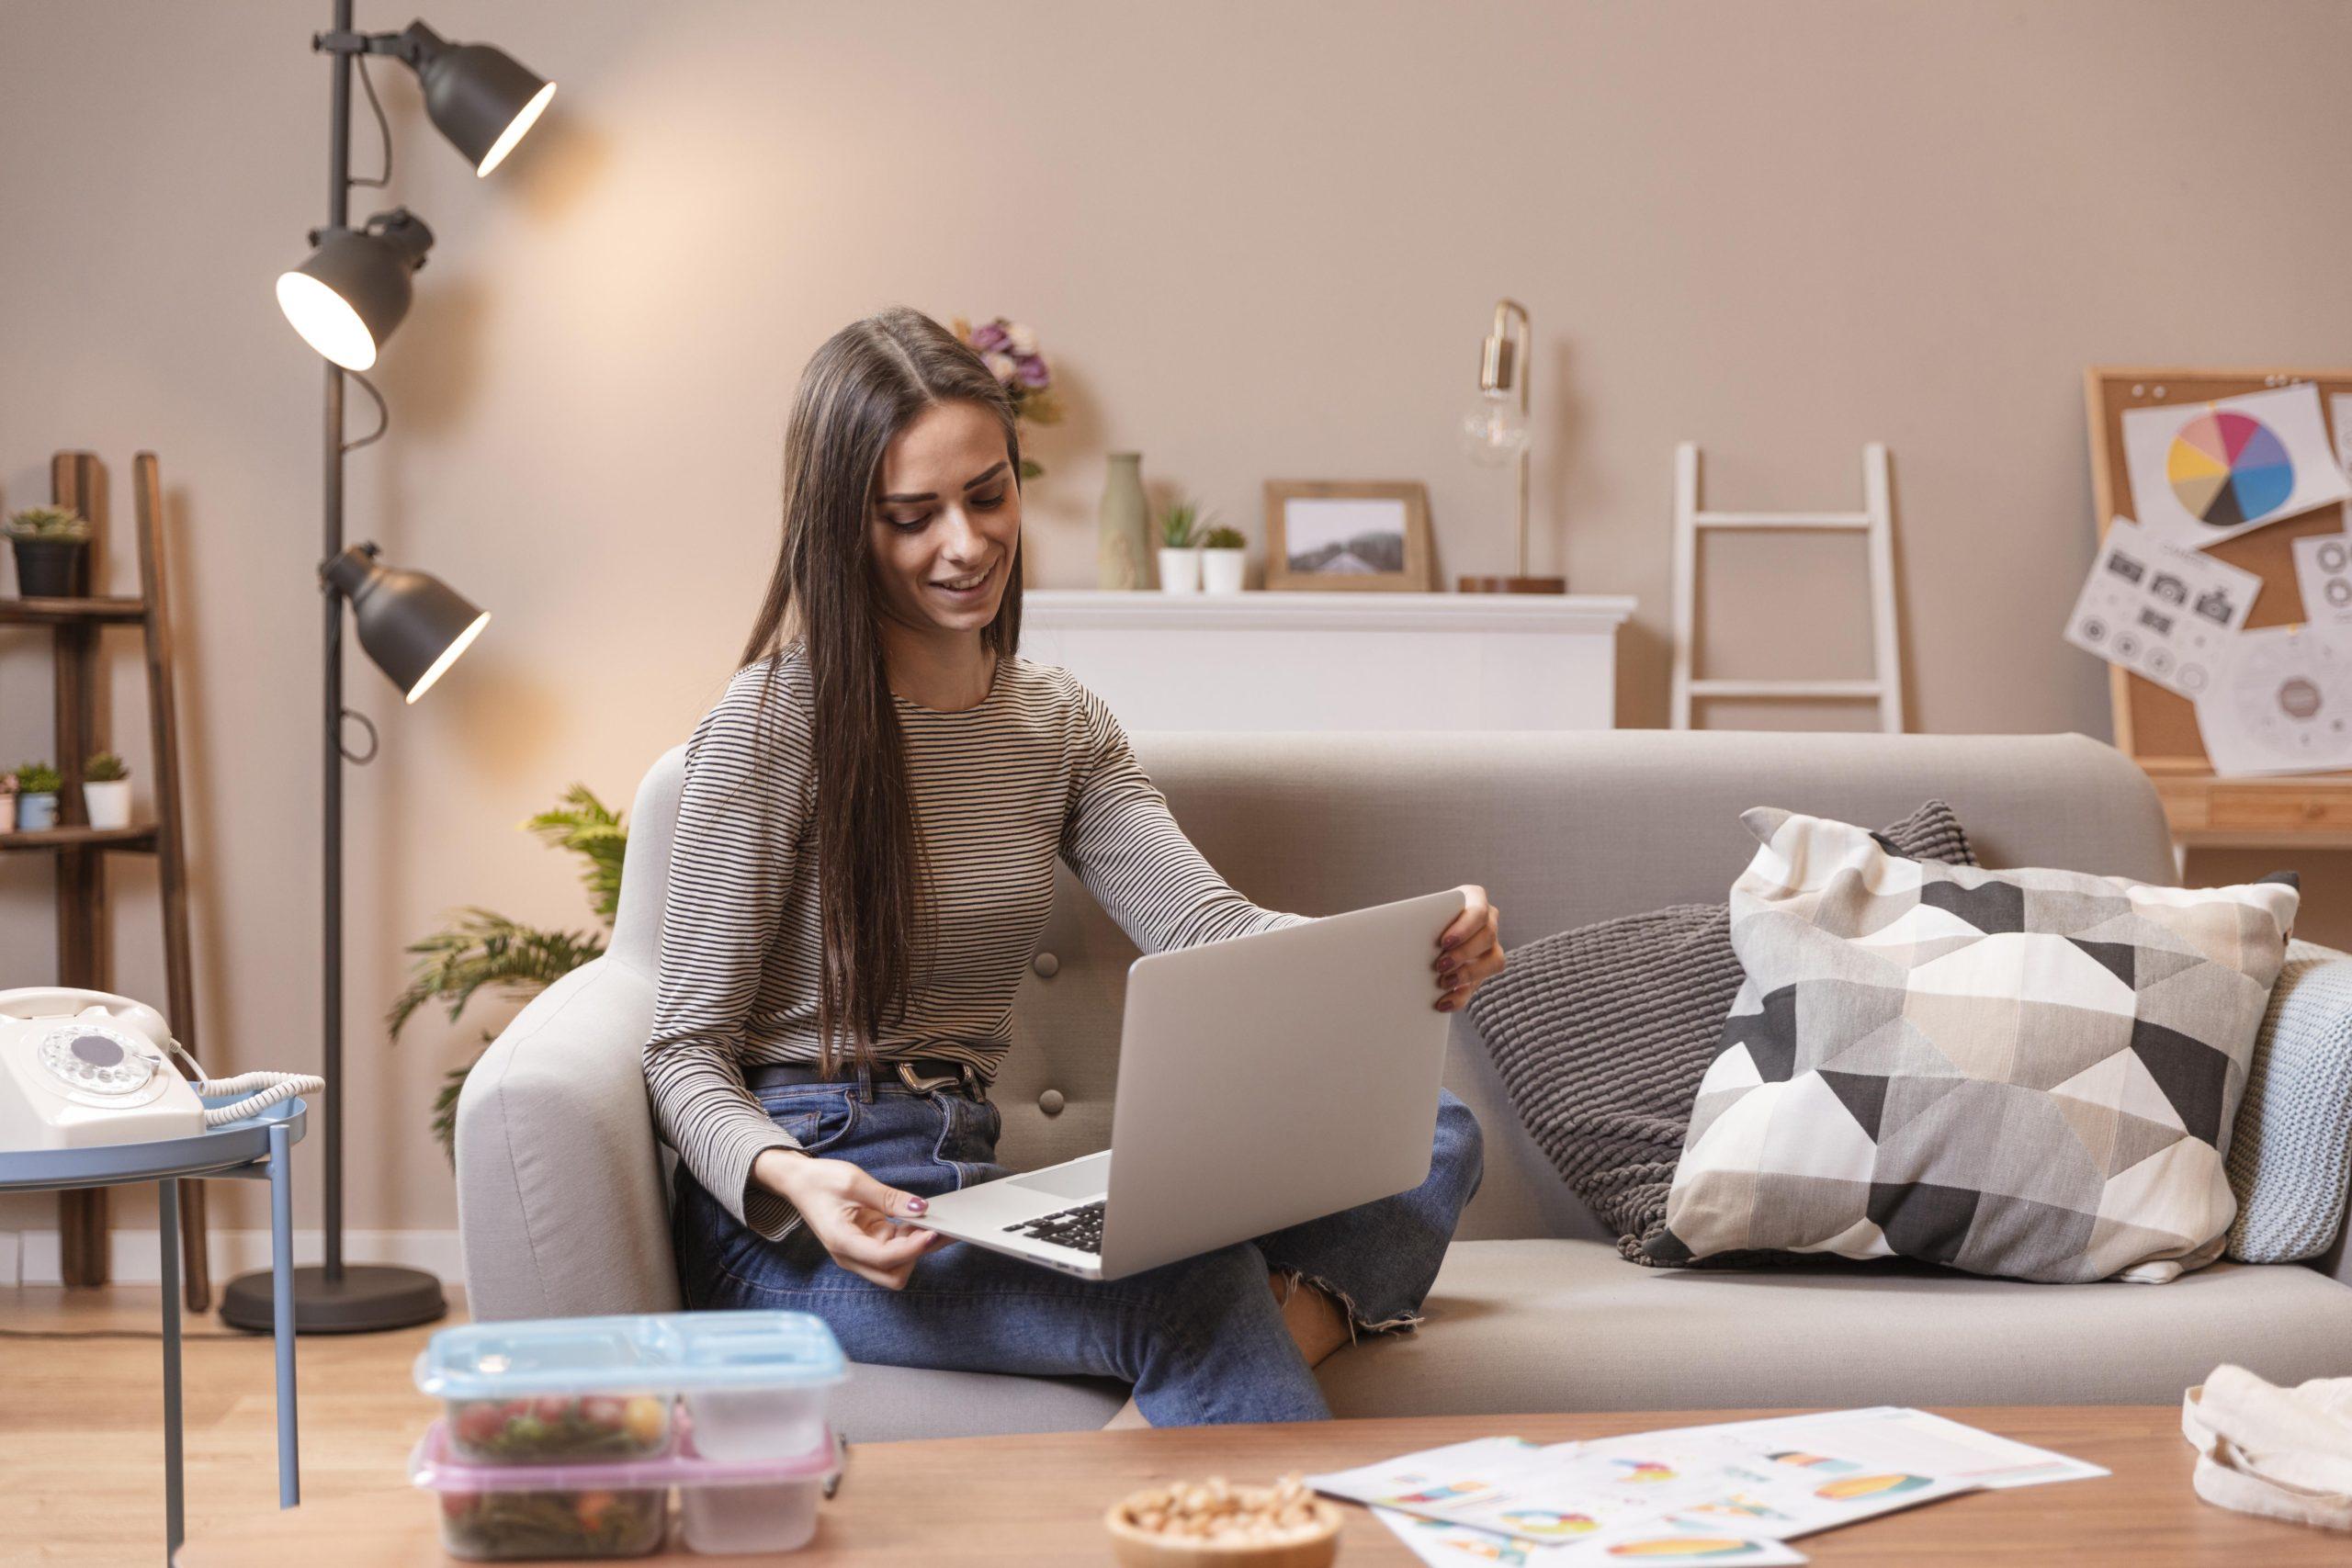 Segredos do Home Office: Como Trabalhar a Cultura?